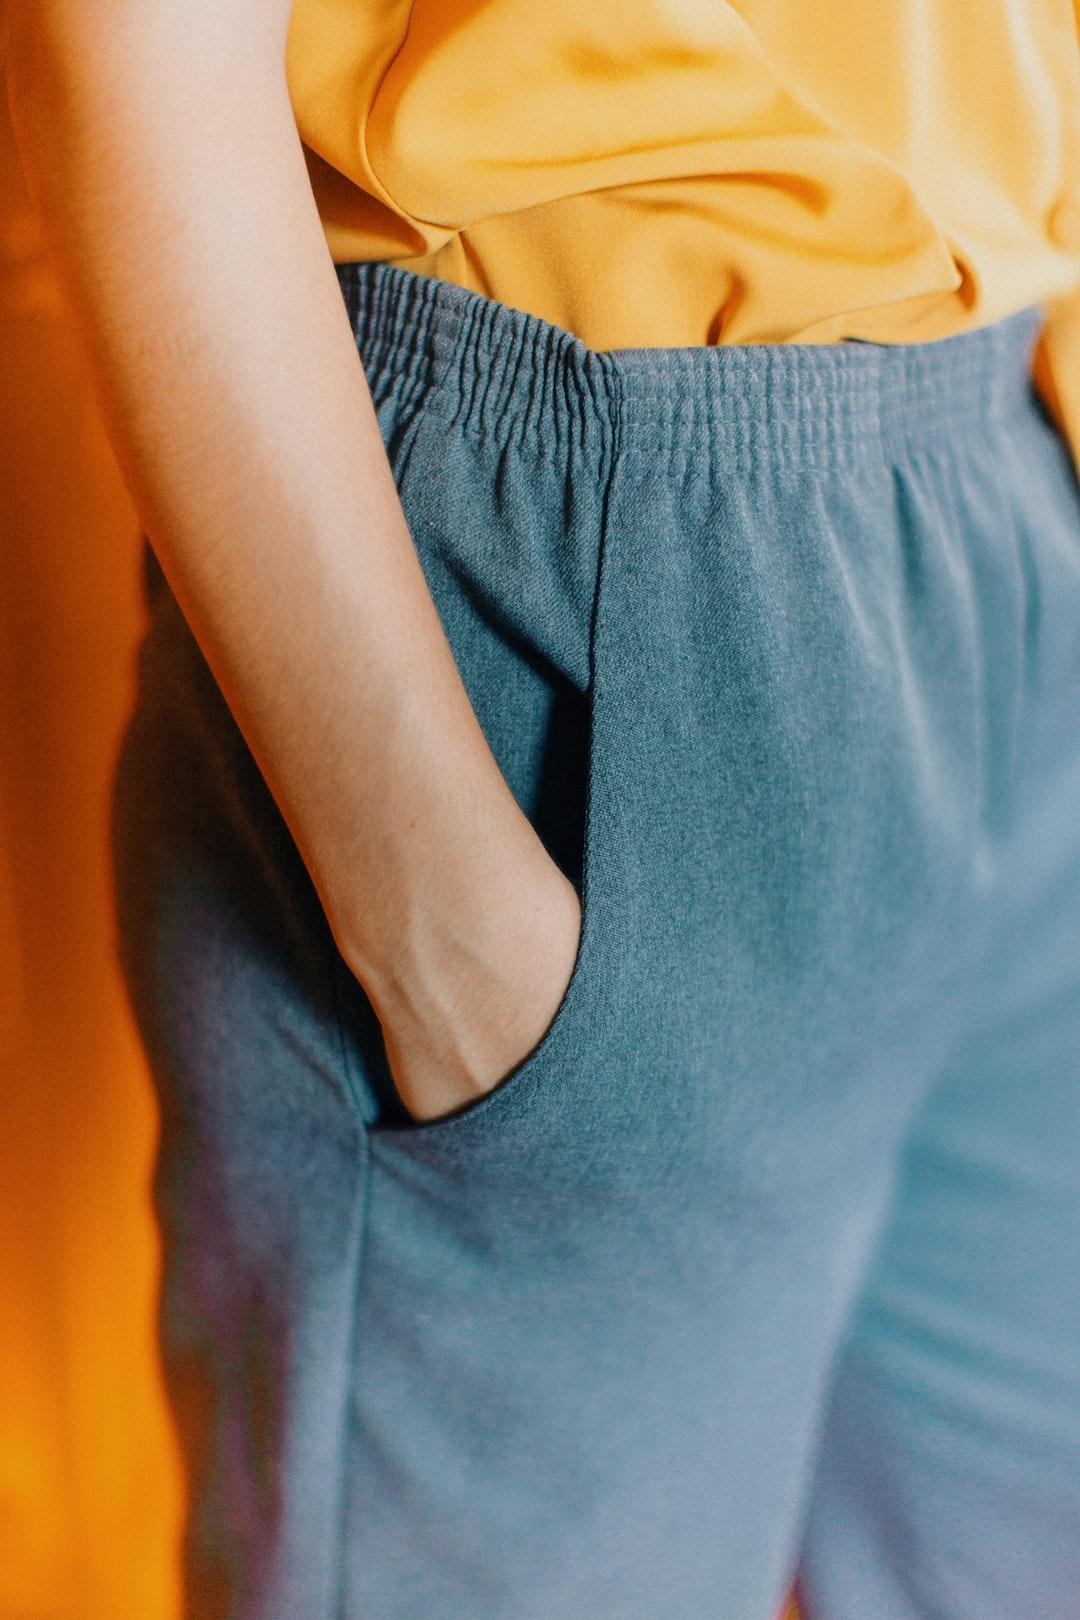 Hand on Pants.